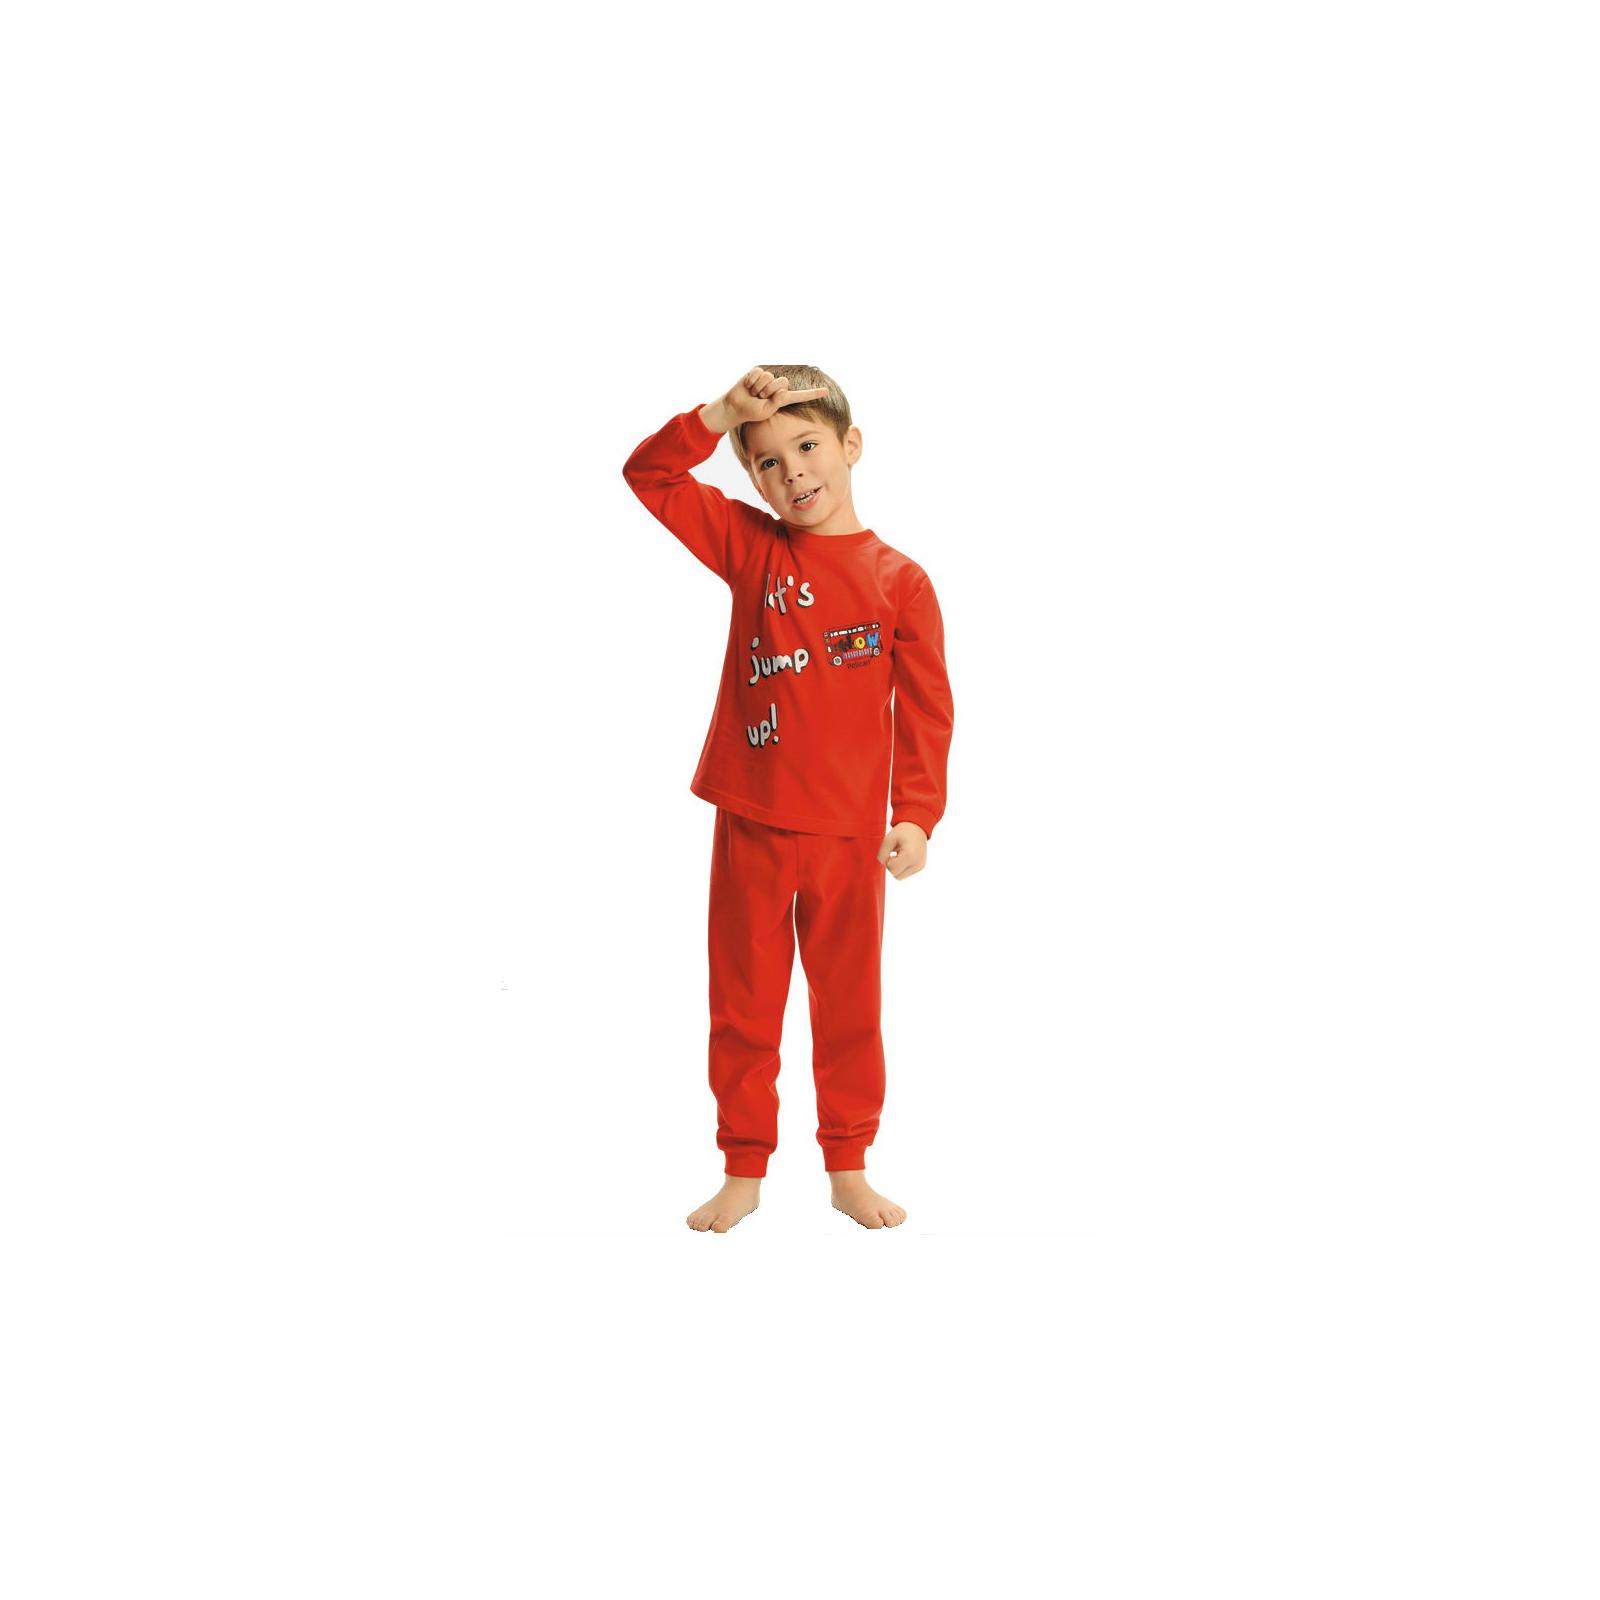 Пижама Pelican цвет Красный BNJP294 возраст 12-18 мес.